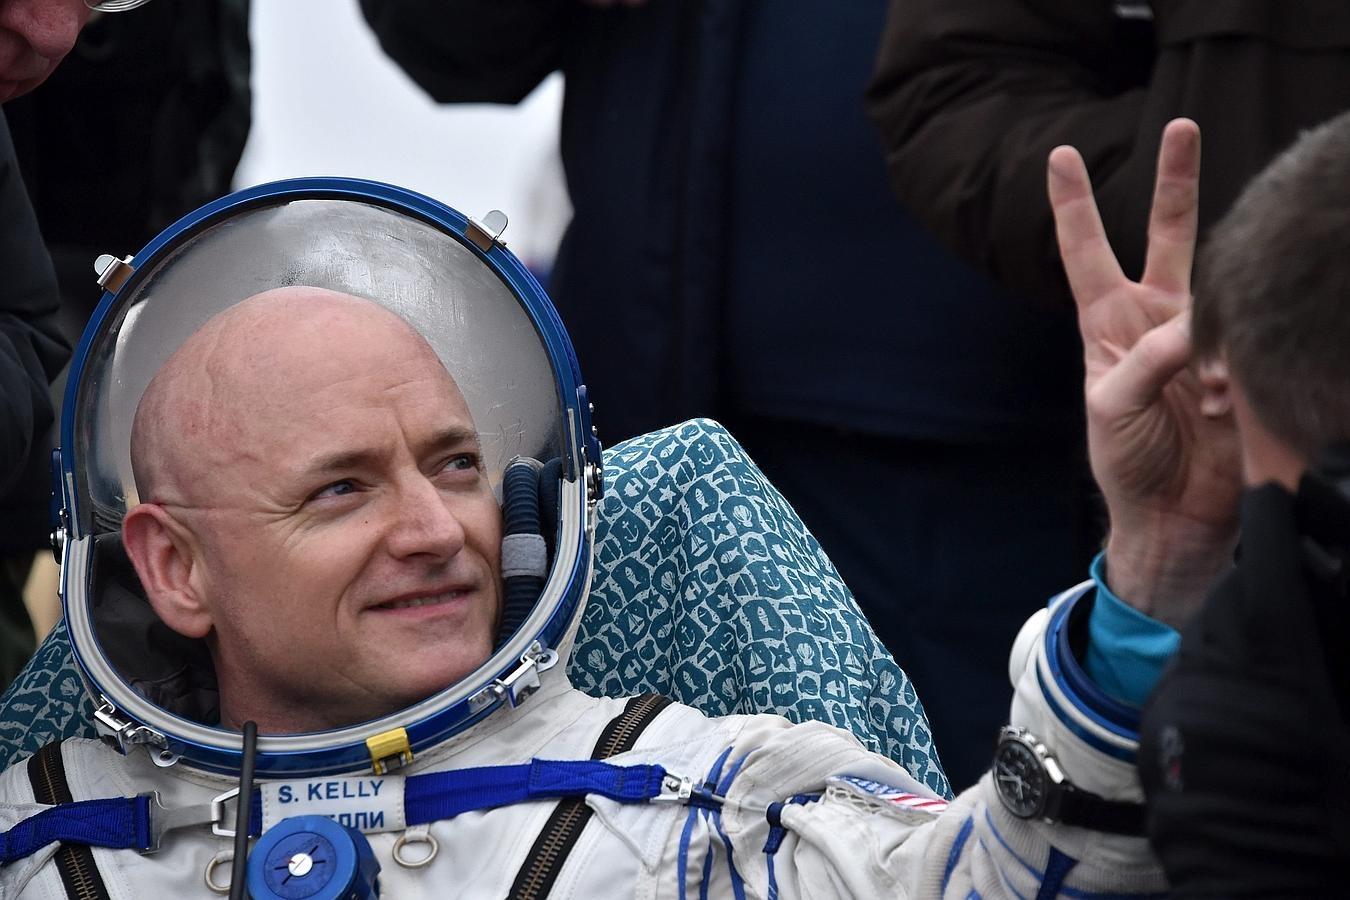 El astronauta Scott Kelly (NASA) gesticula después de aterrizar en las estepas de Kazajistán después de pasar un año en el espacio